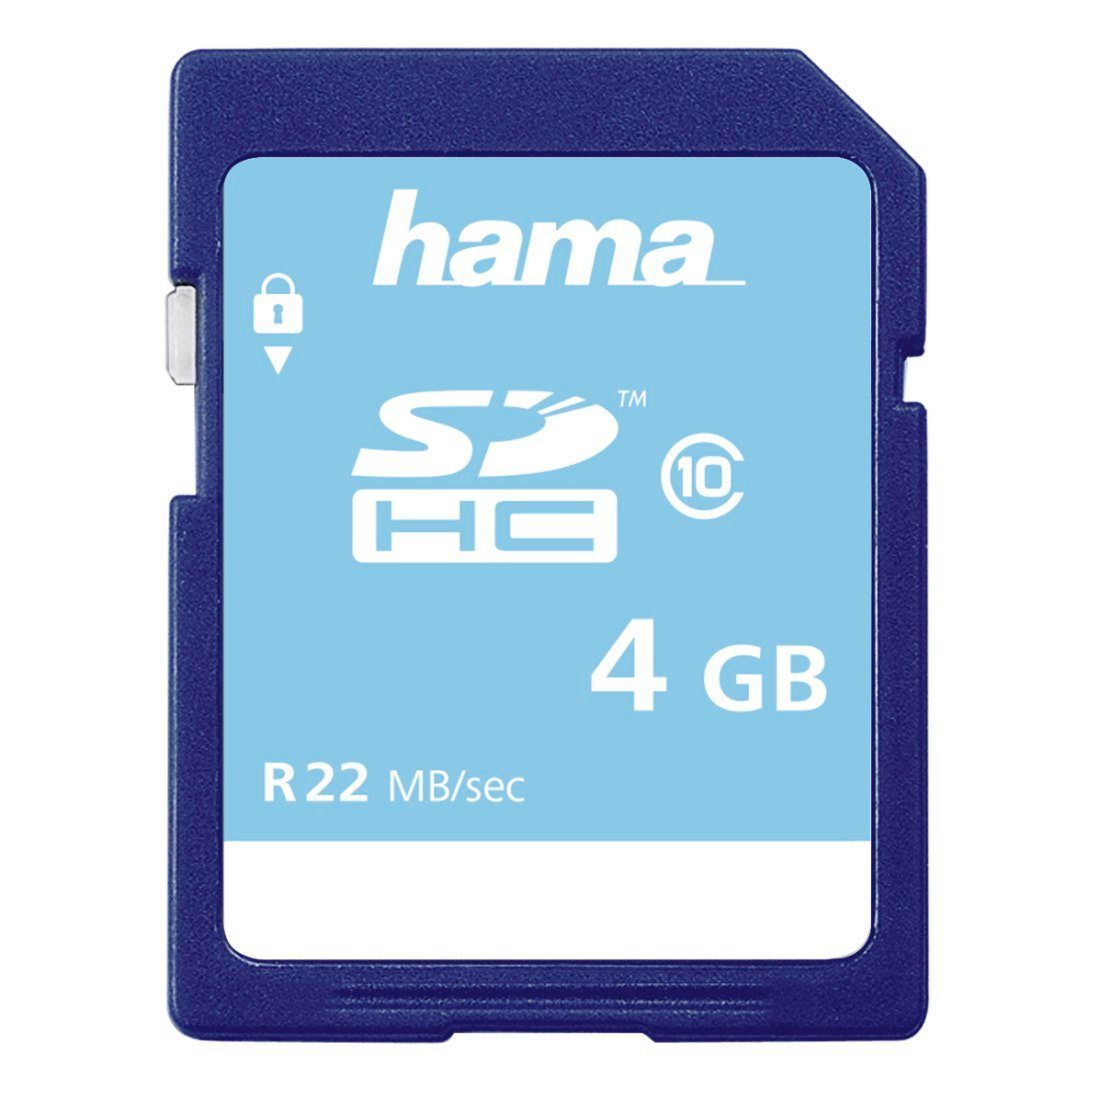 Hama Speicherkarte SDHC 4GB Class 10 »geeignet für HD-Videoaufnahmen«